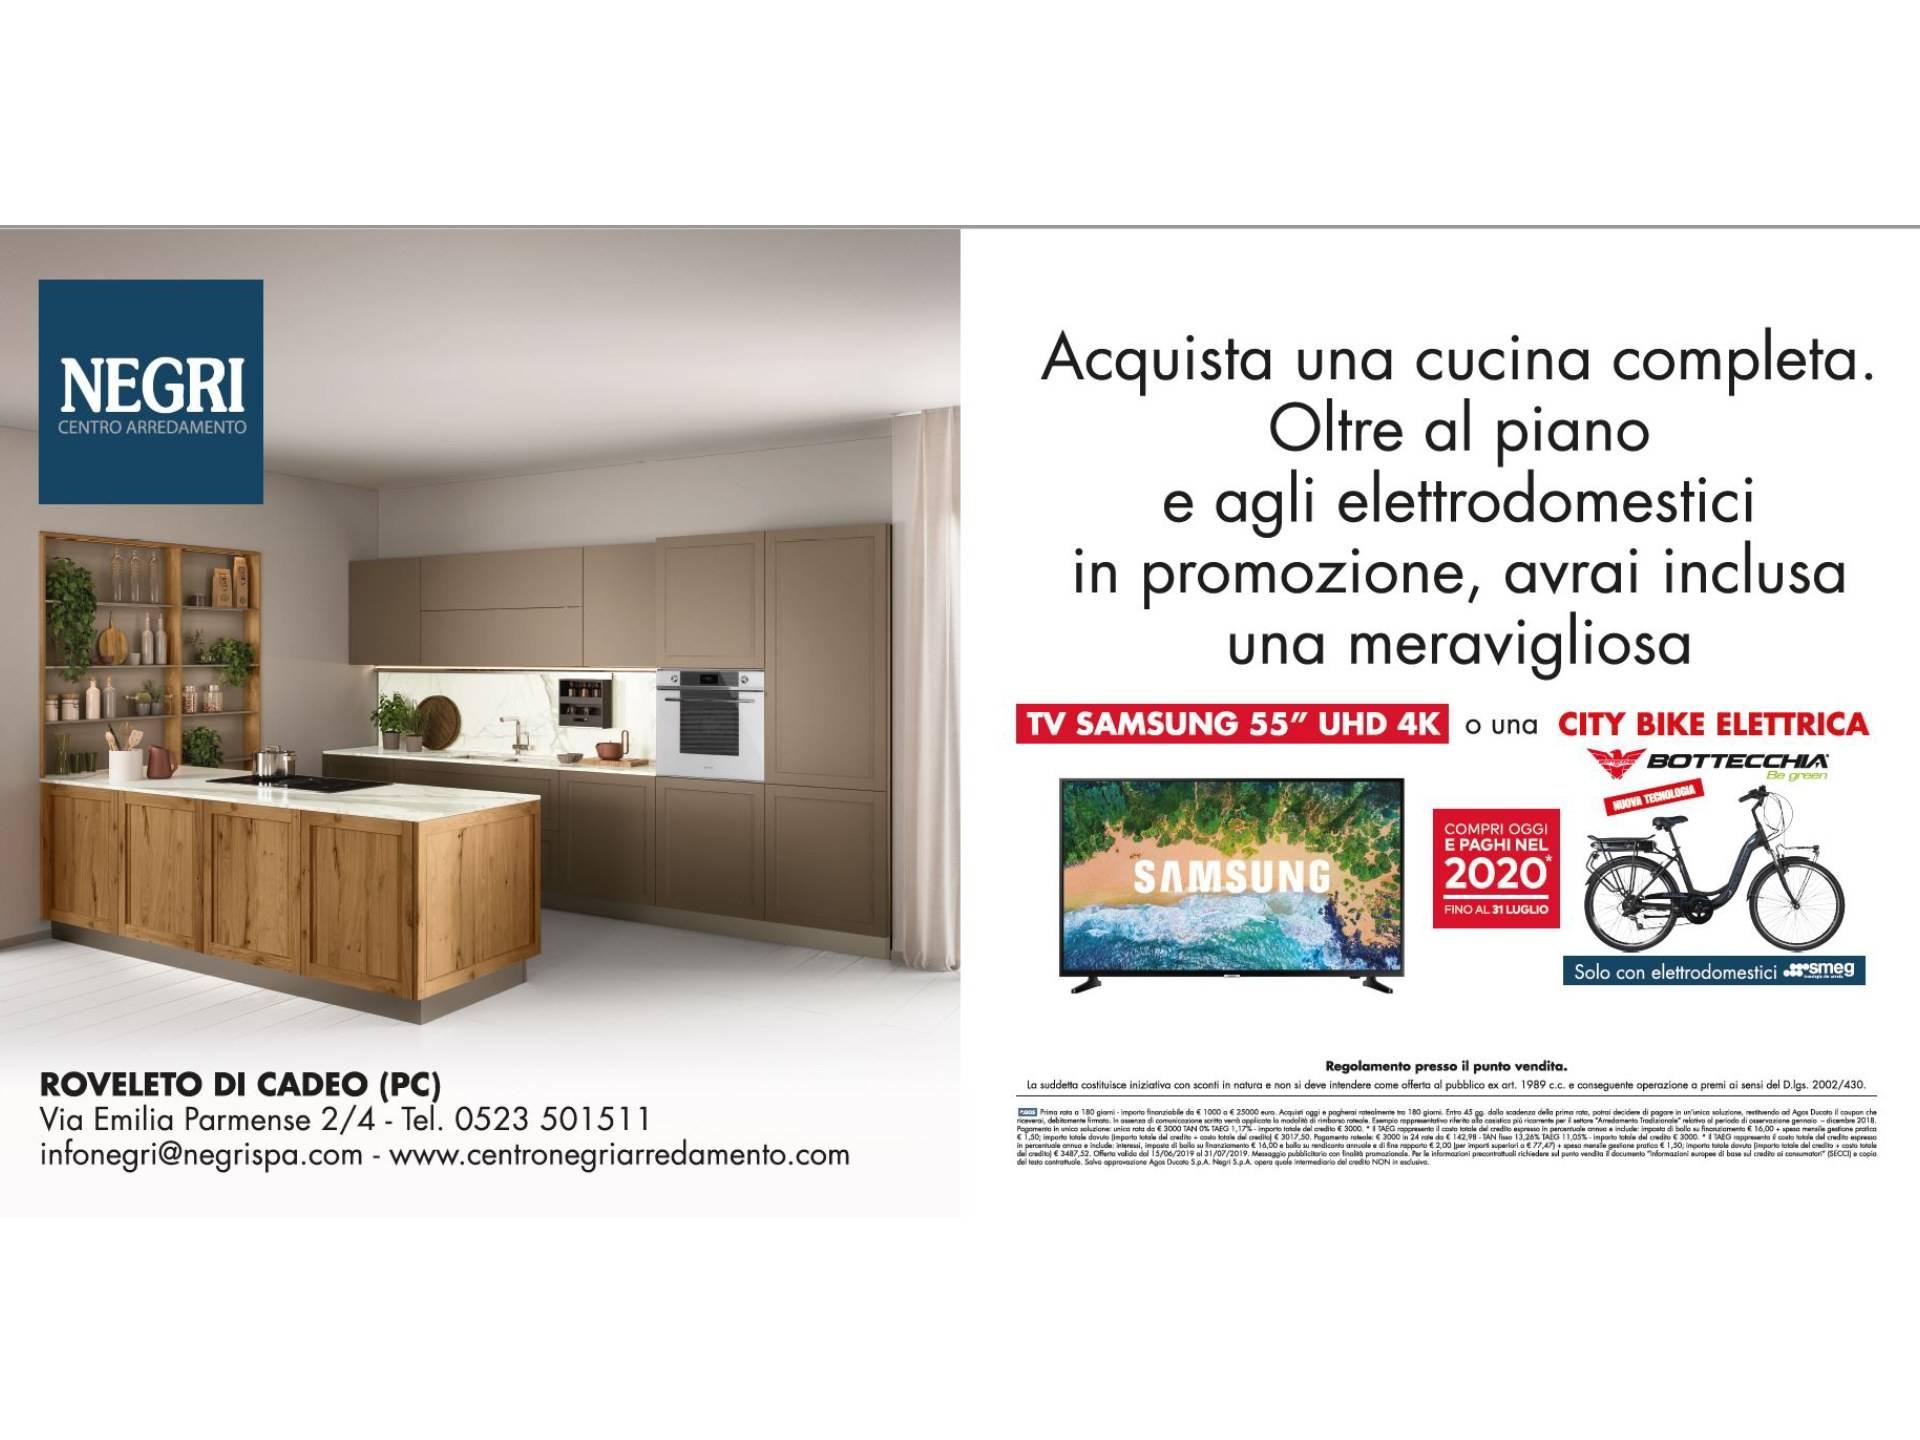 Veneta Cucine Assistenza Clienti.Promozione Veneta Cucine Centro Arredamento Negri